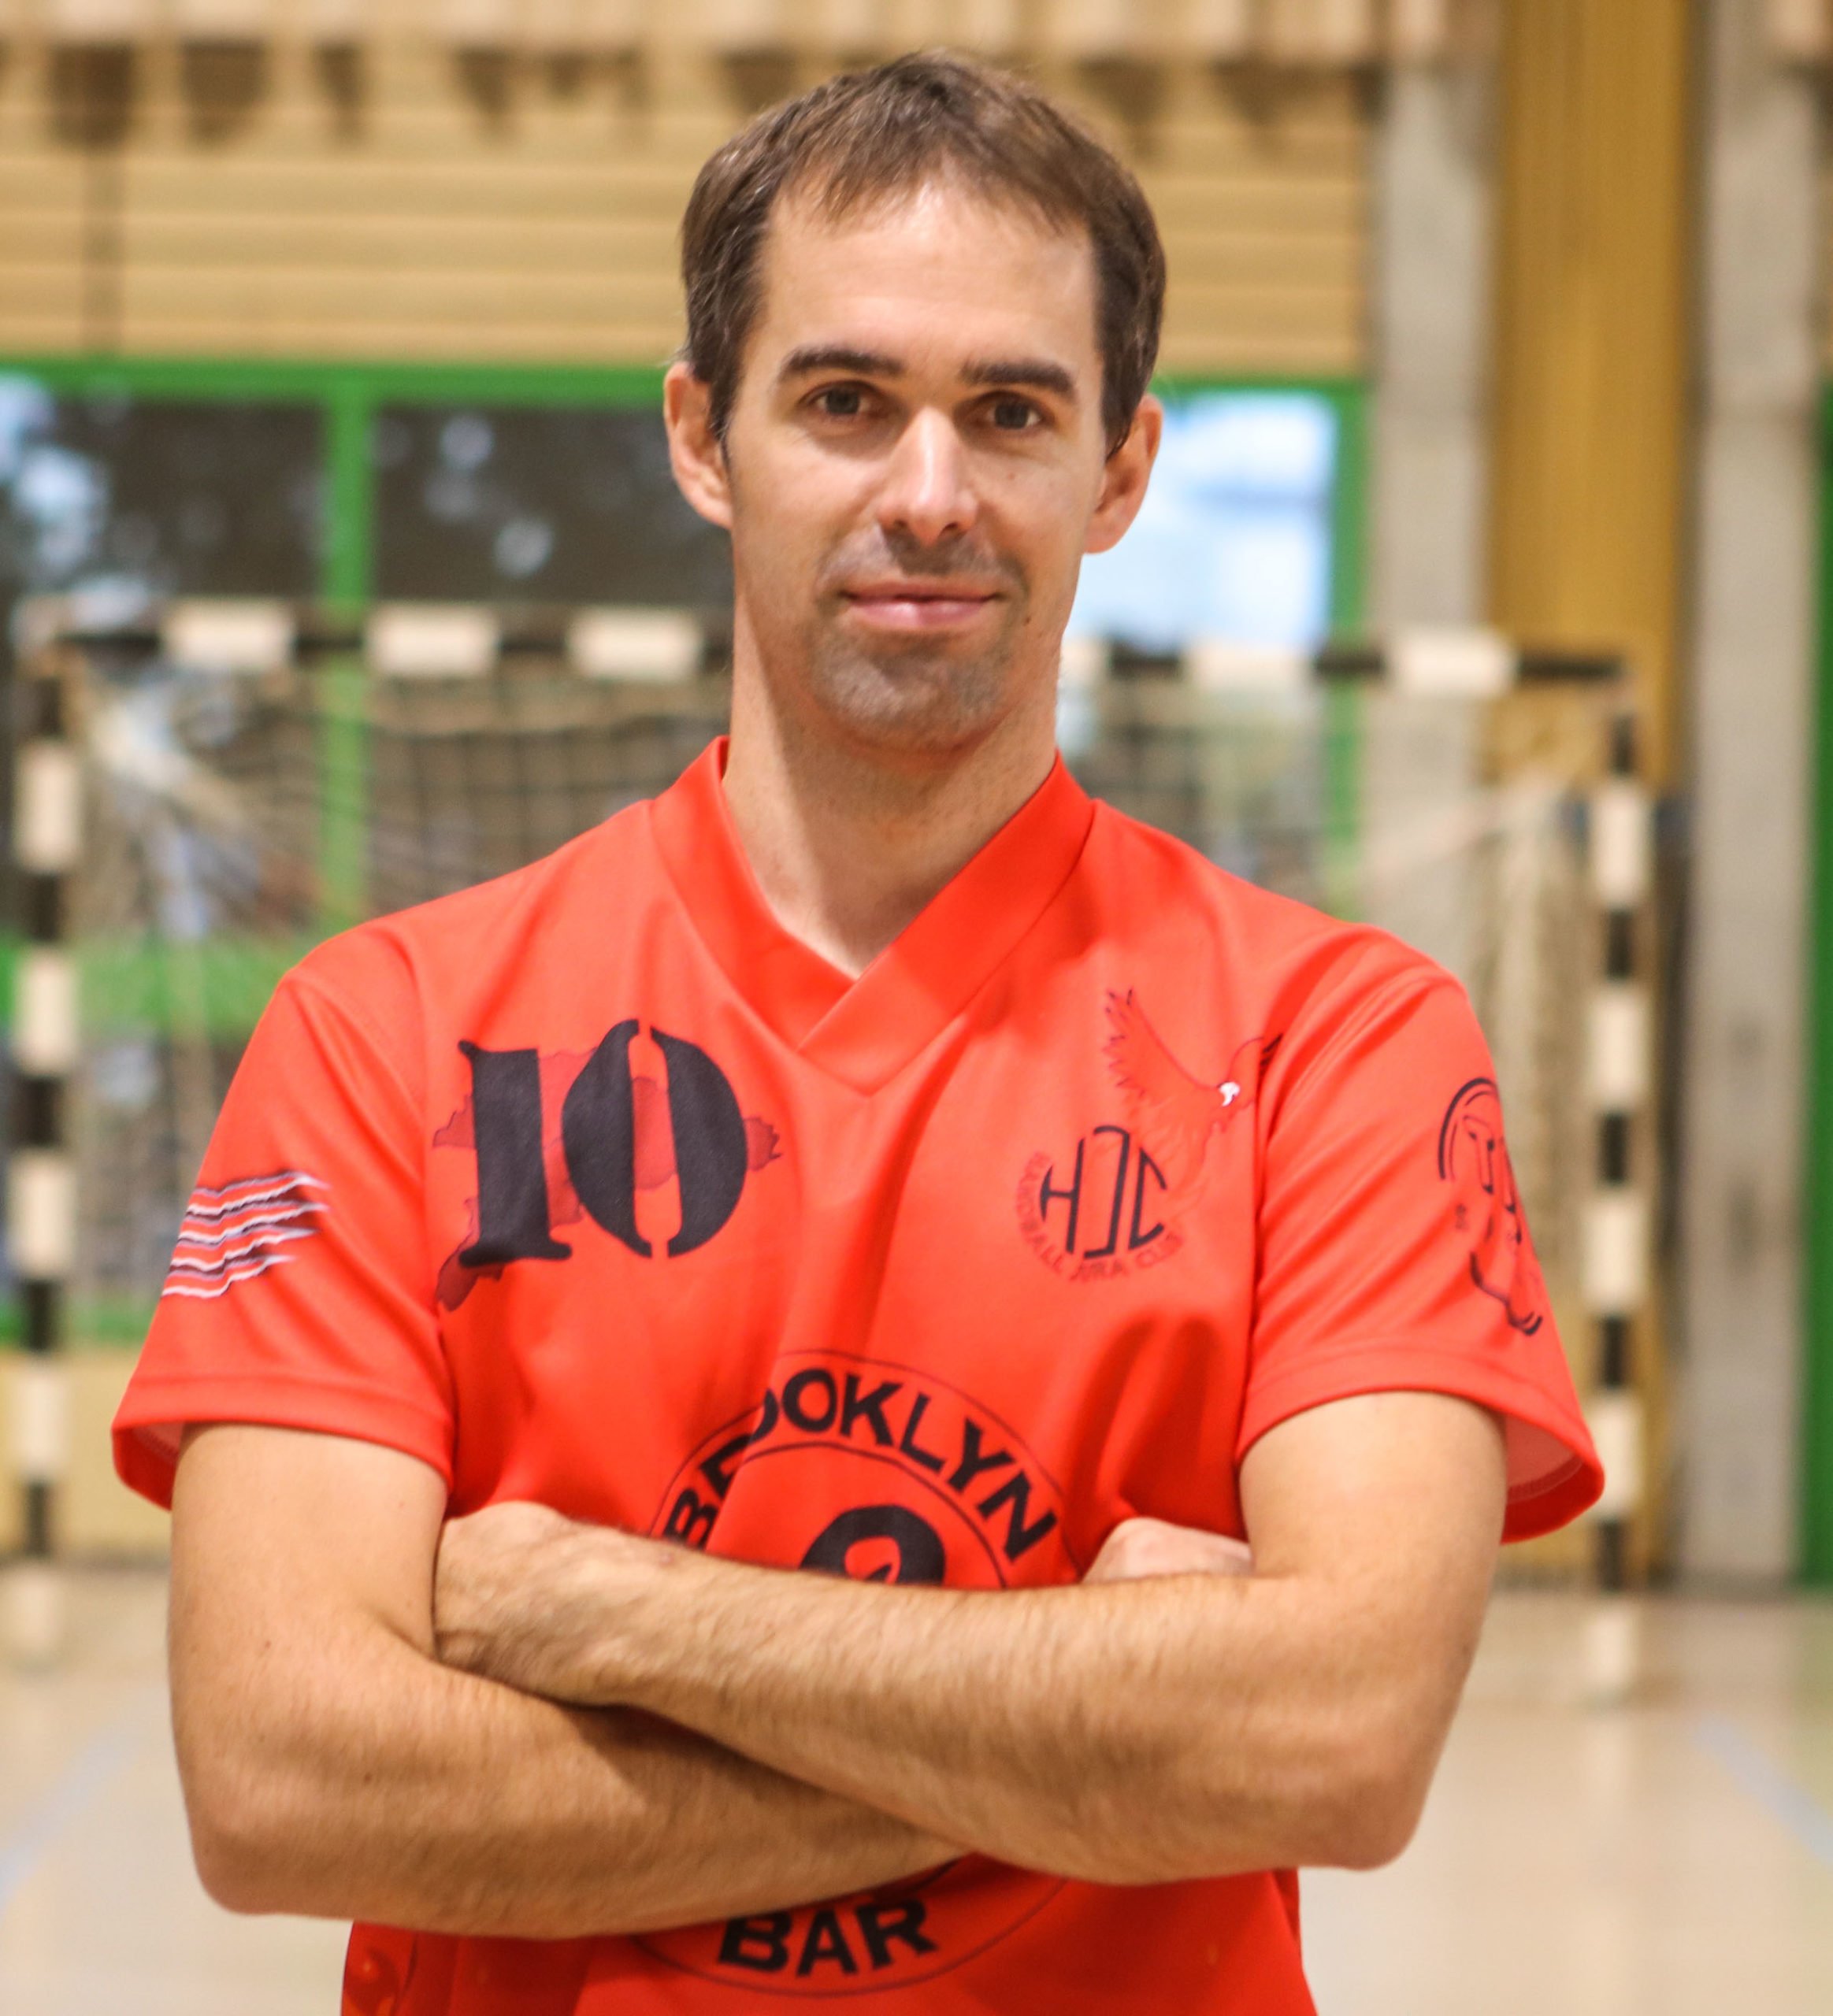 Thomas Reber